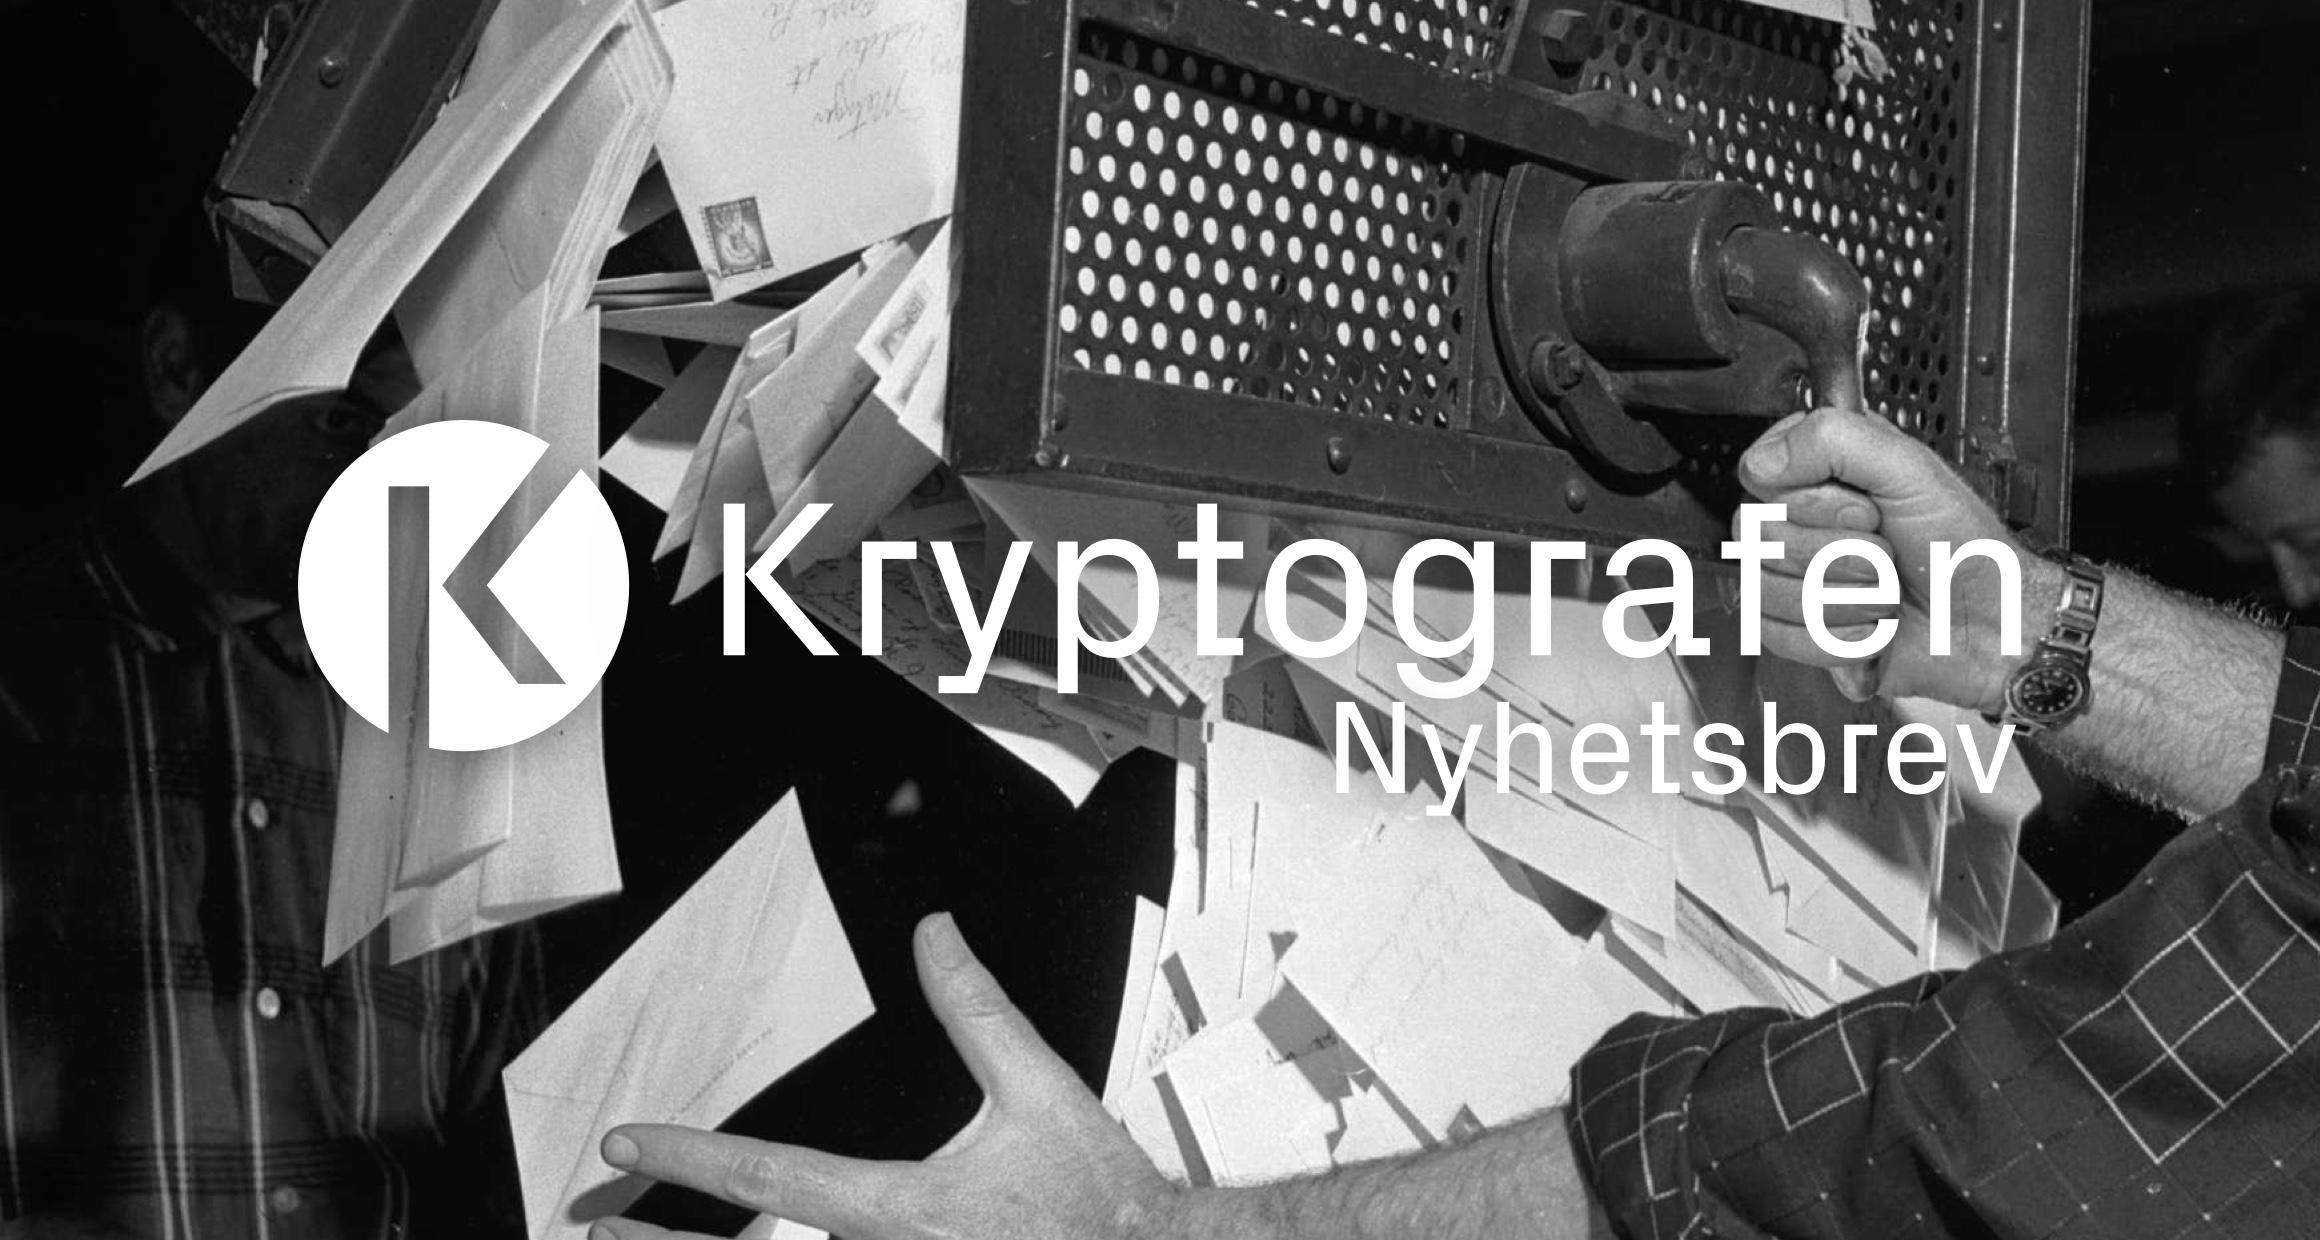 15eef8bf Gammel bilde fra sortering av post i USA. Illustrasjonsbilde brukt for  Kryptografens Nyhetsbrev